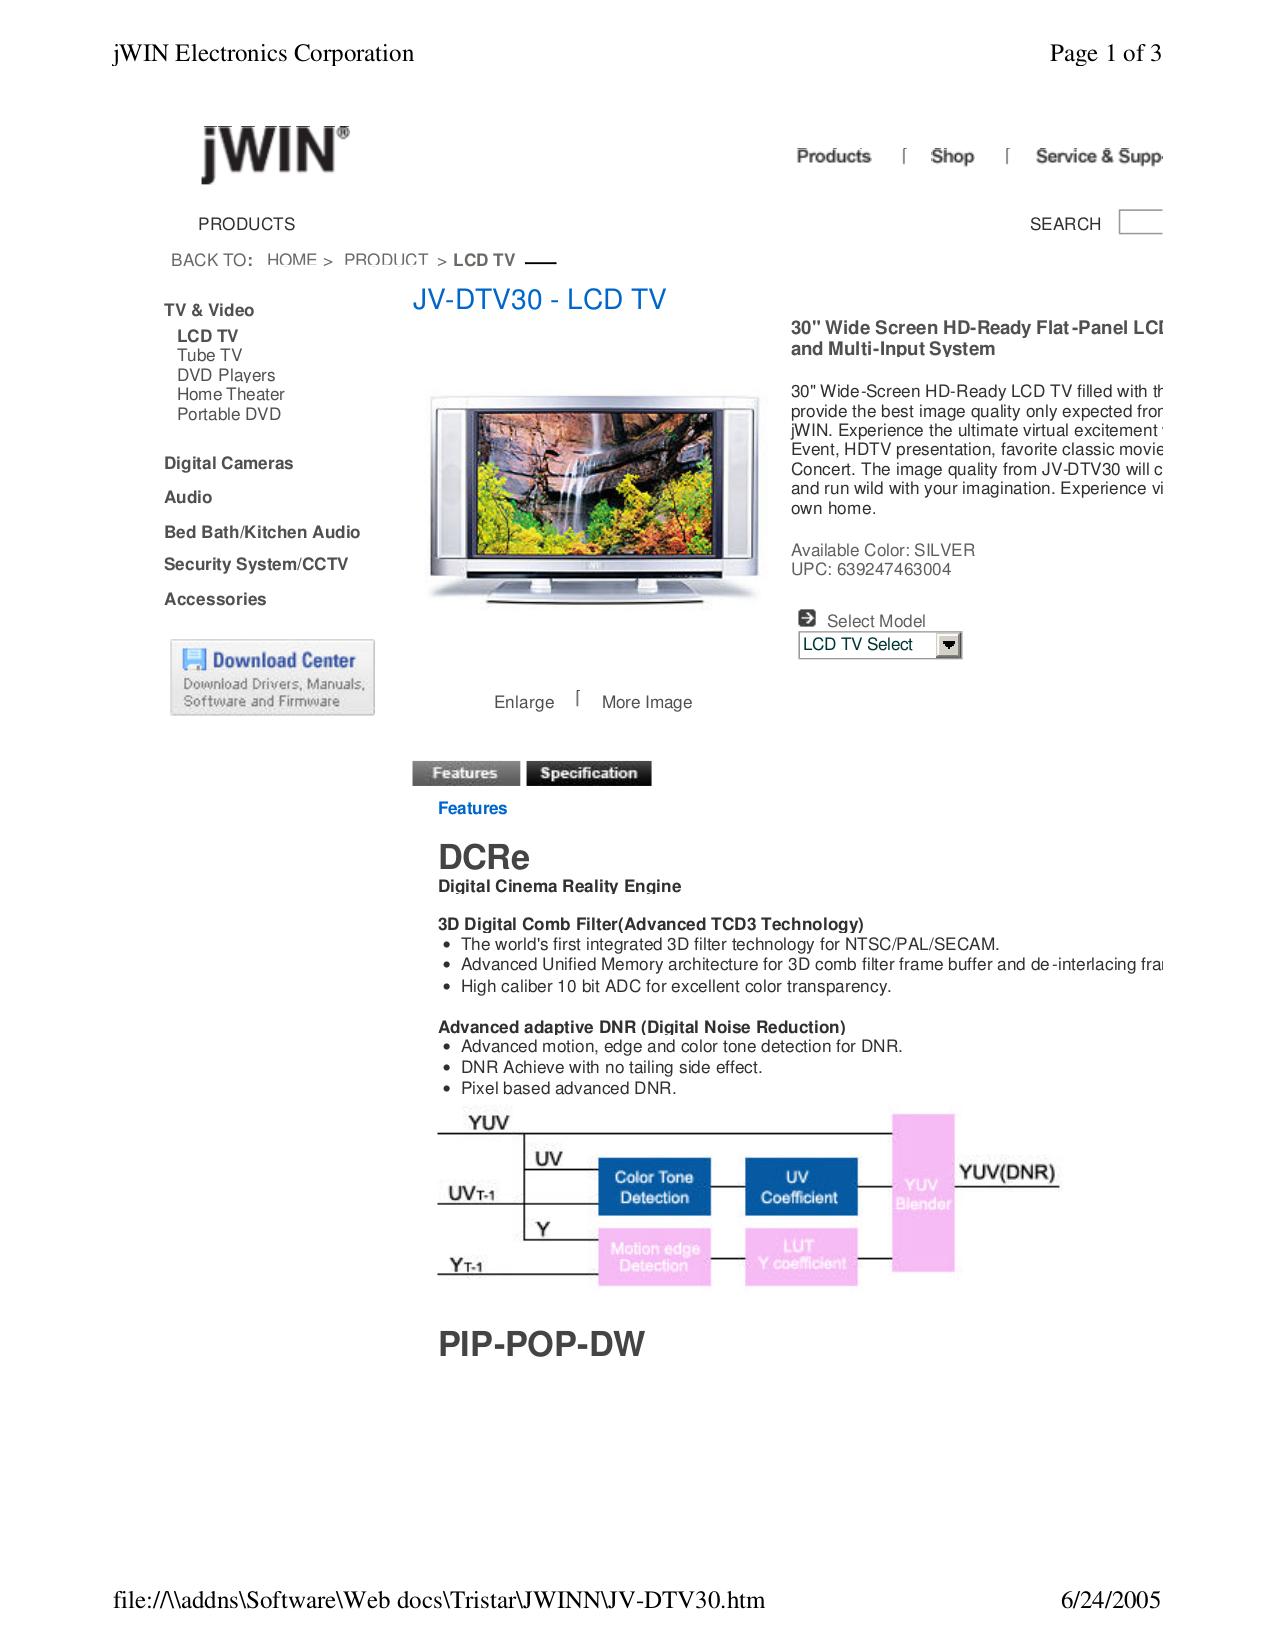 pdf for jWIN TV JV-DTV30 manual